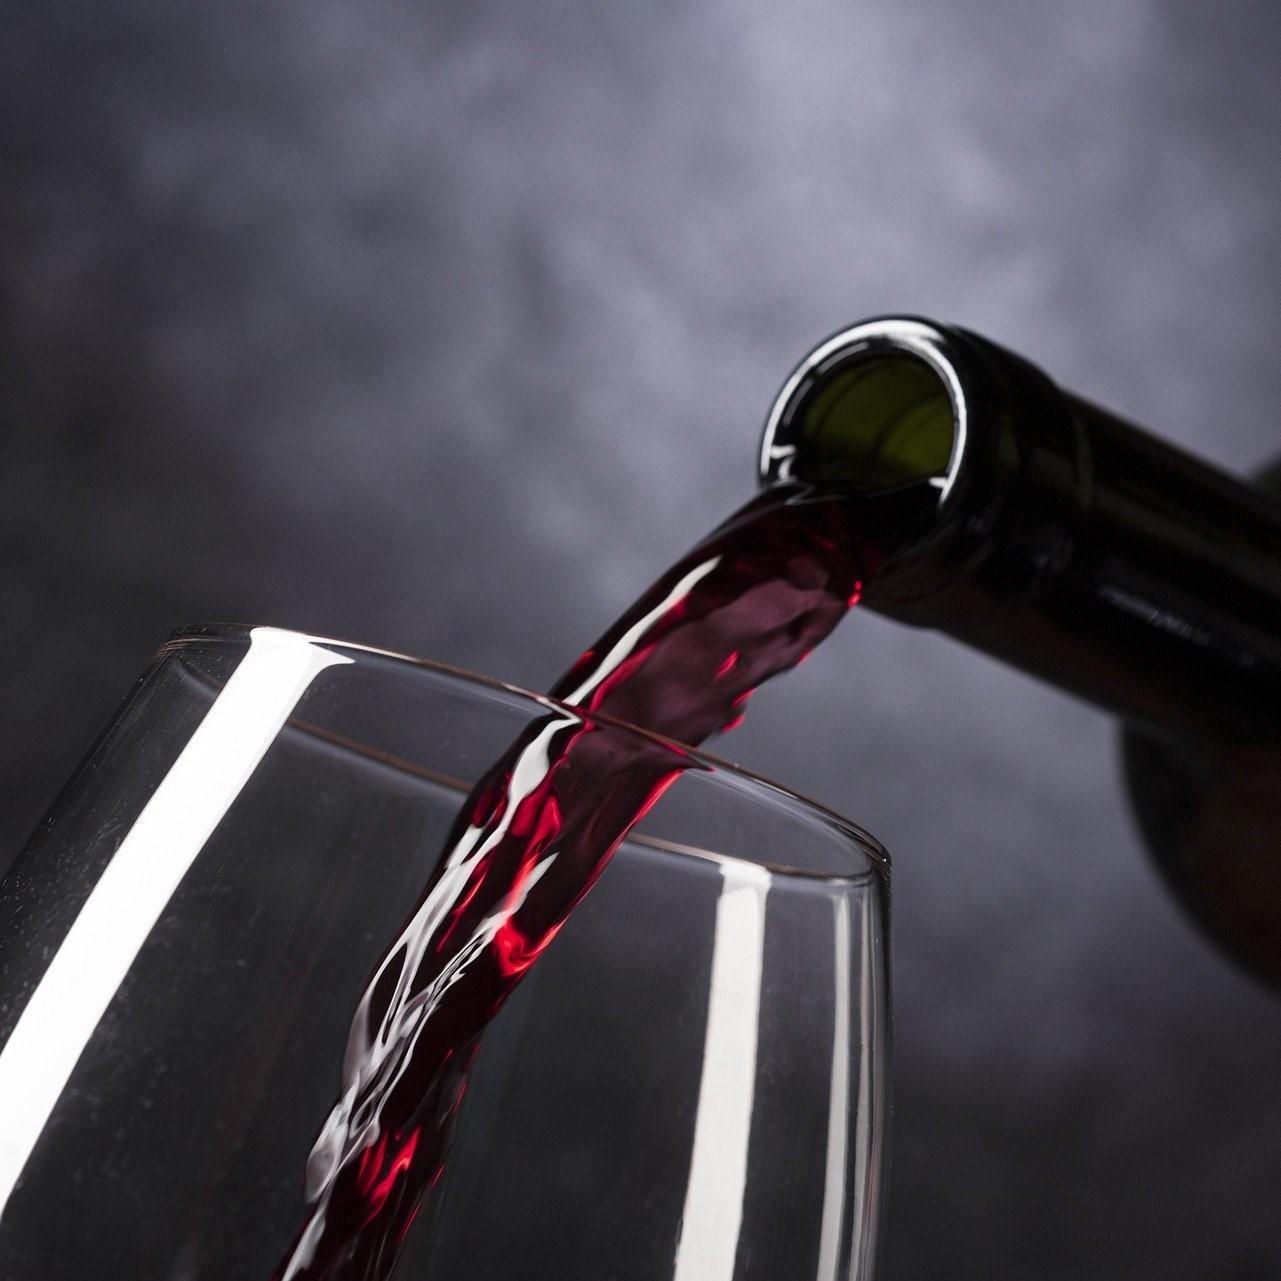 Visite de cave Balade dans le vignoble Expérience oenologique Expérience Vin en Provence Expérience vin en Provence Découverte du vin avec un guide Oenotourisme Activité et loisir autour du vin Dentelles de Montmirail Mont Ventoux